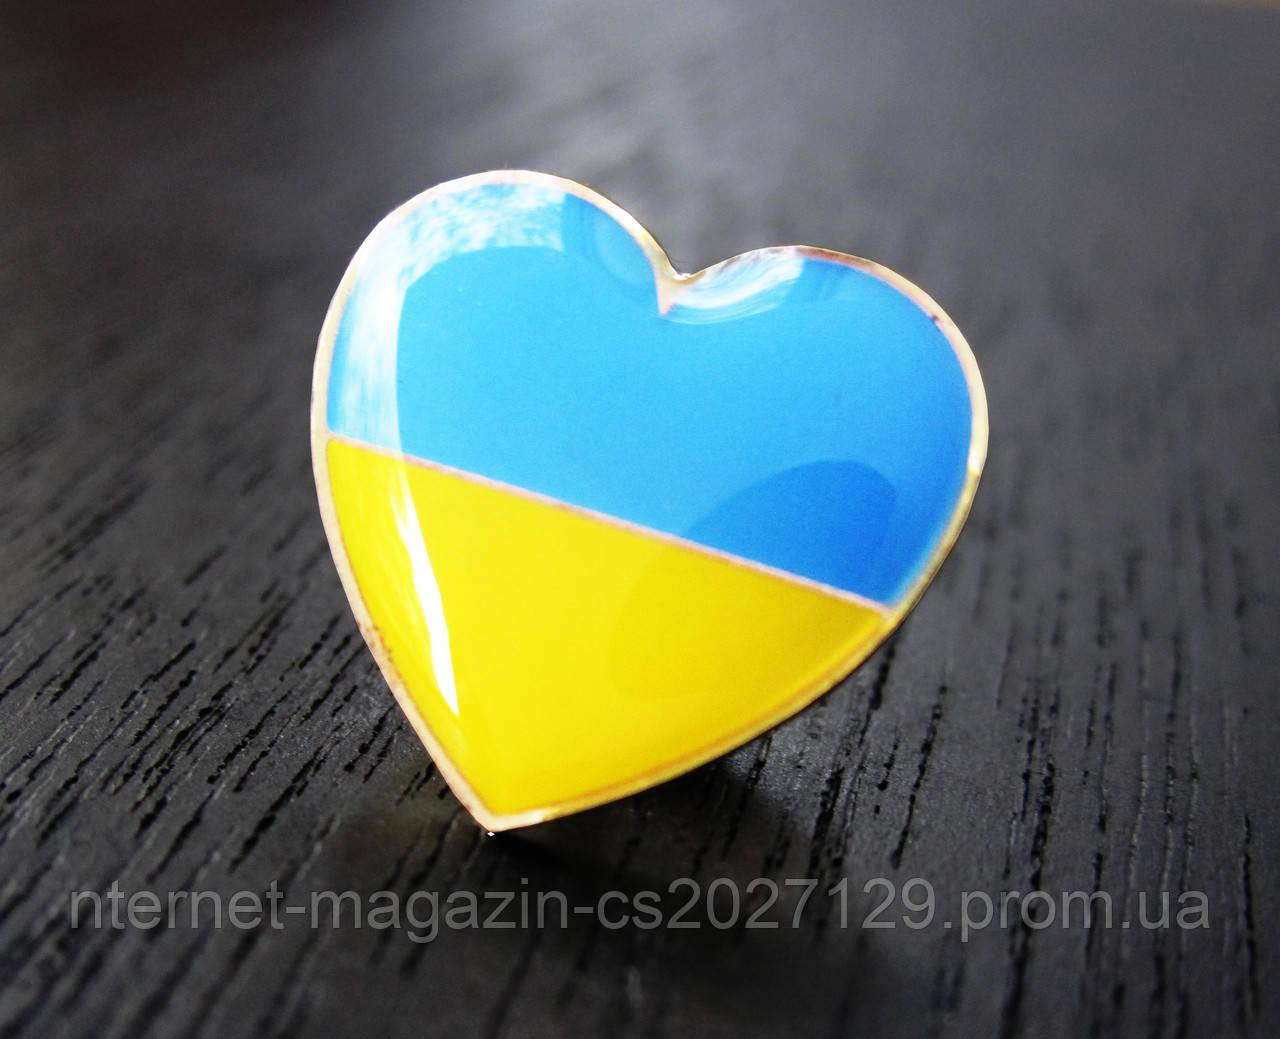 Значок сердце Украины - желто-синий значок сердечко